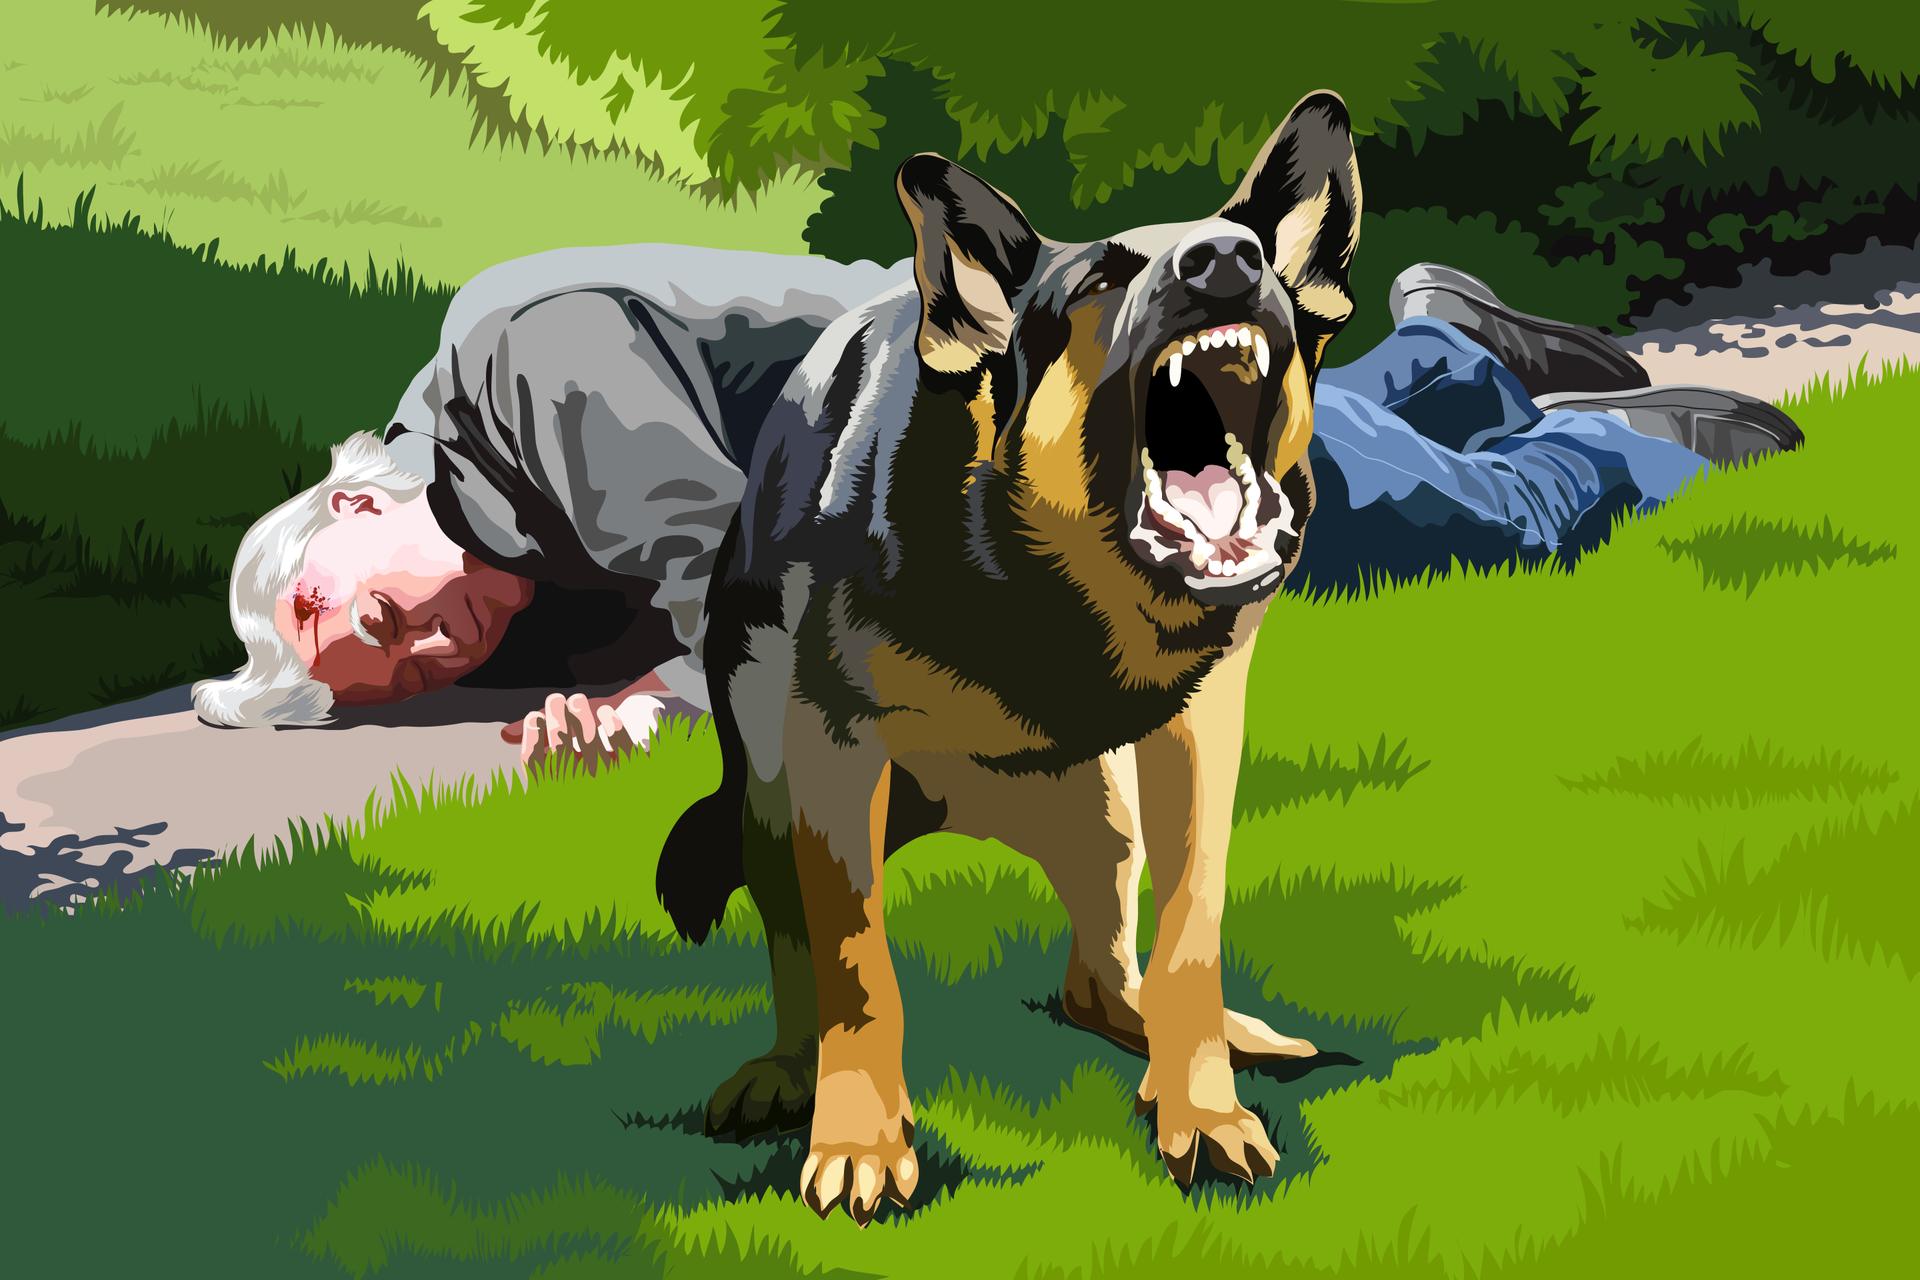 Rysunek przedstawiający leżącego na chodniku poszkodowanego starszego człowieka zurazem głowy iwidocznymi śladami krwi. Przed poszkodowanym na trawie stoi szczekający pies przejawiający wyraźną agresję, który nie pozwala podejść ratownikowi do poszkodowanego.